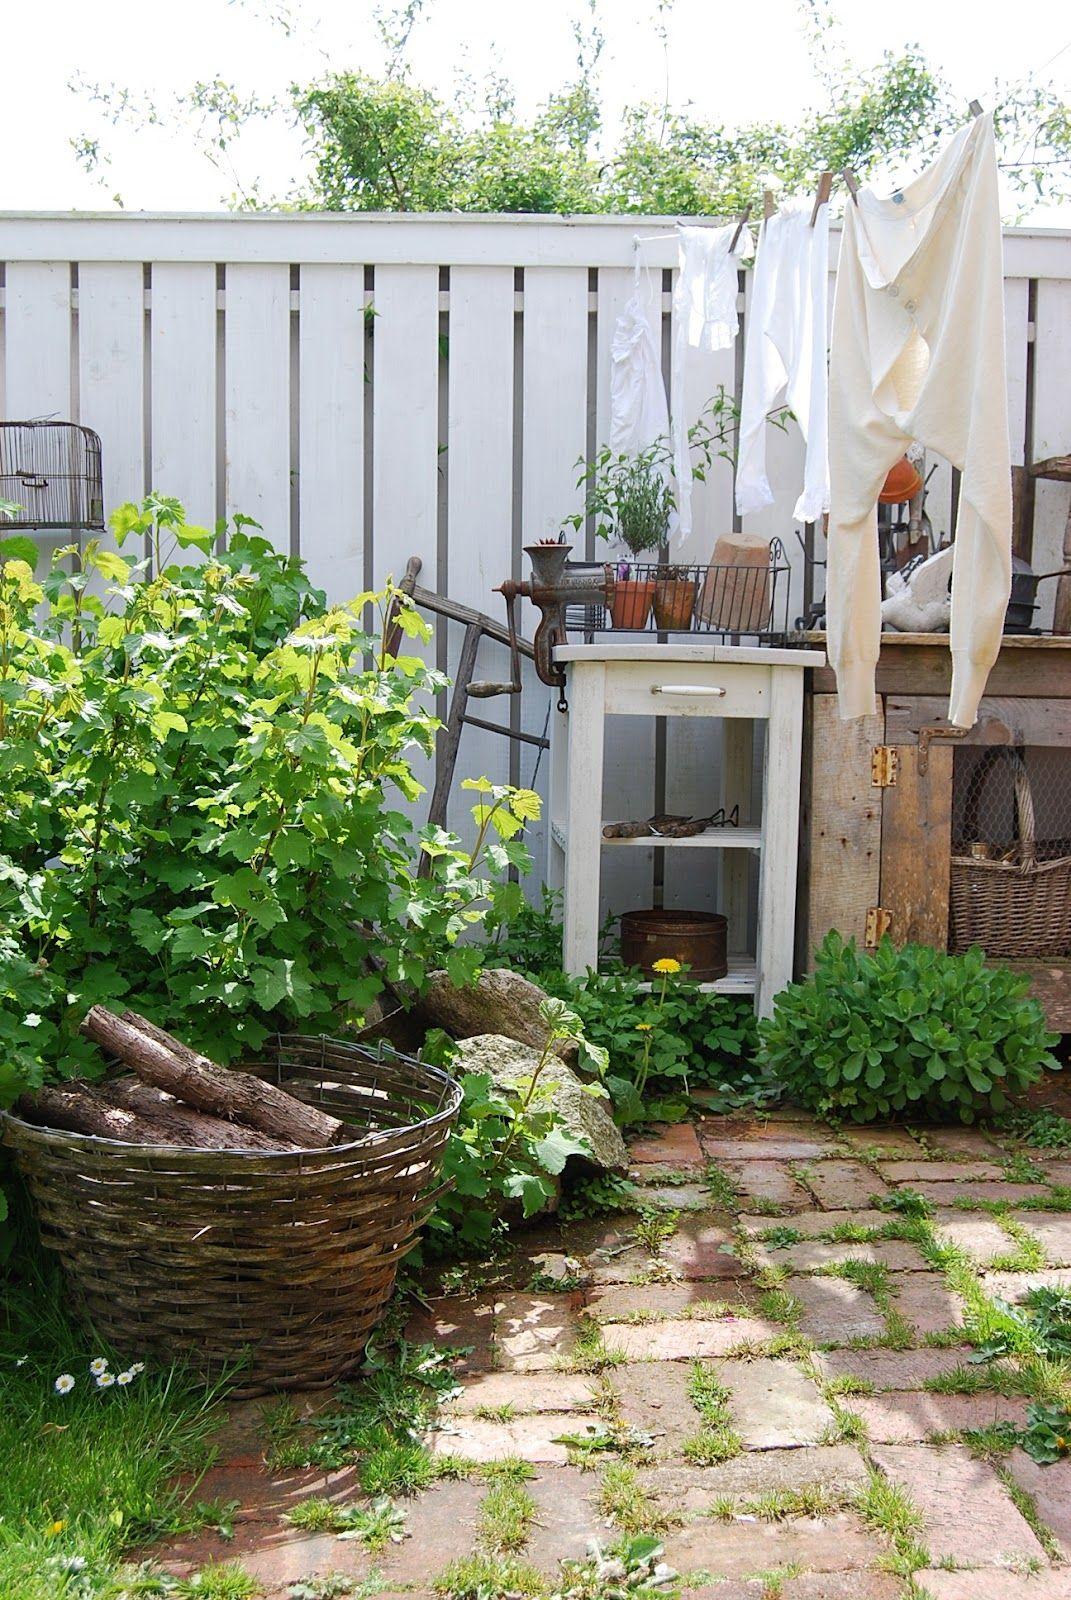 hvítur lakkrís clothesline near potting bench good use of small